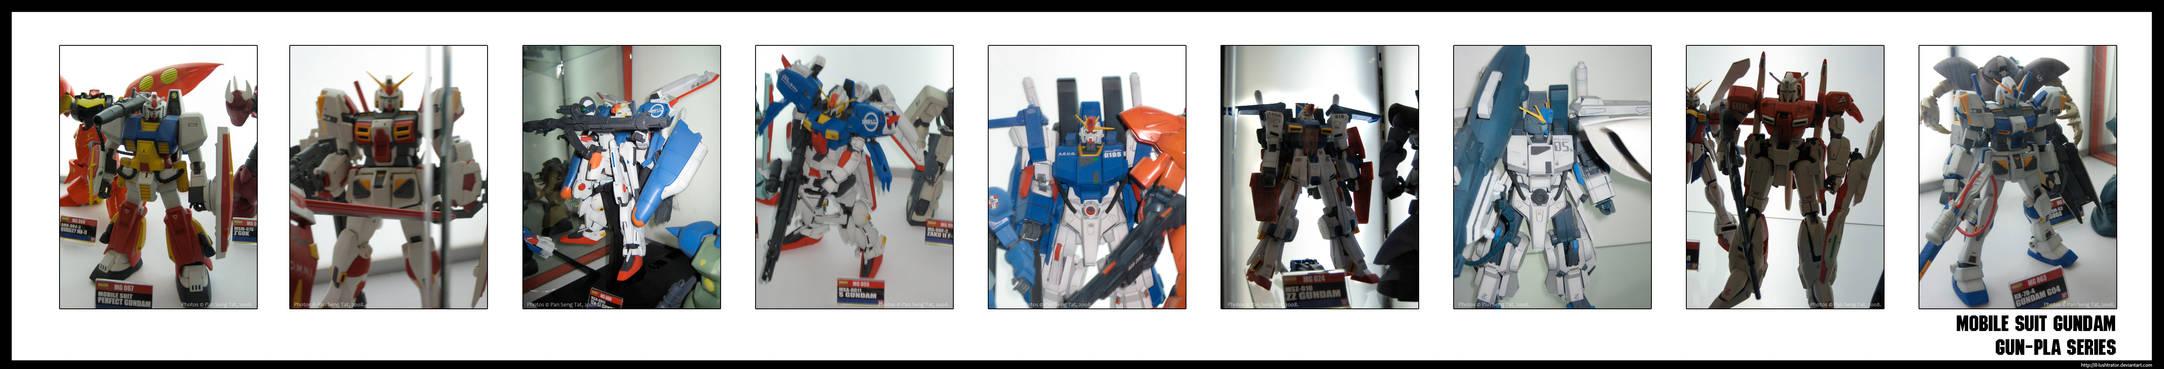 Gundam GUN-PLA Series